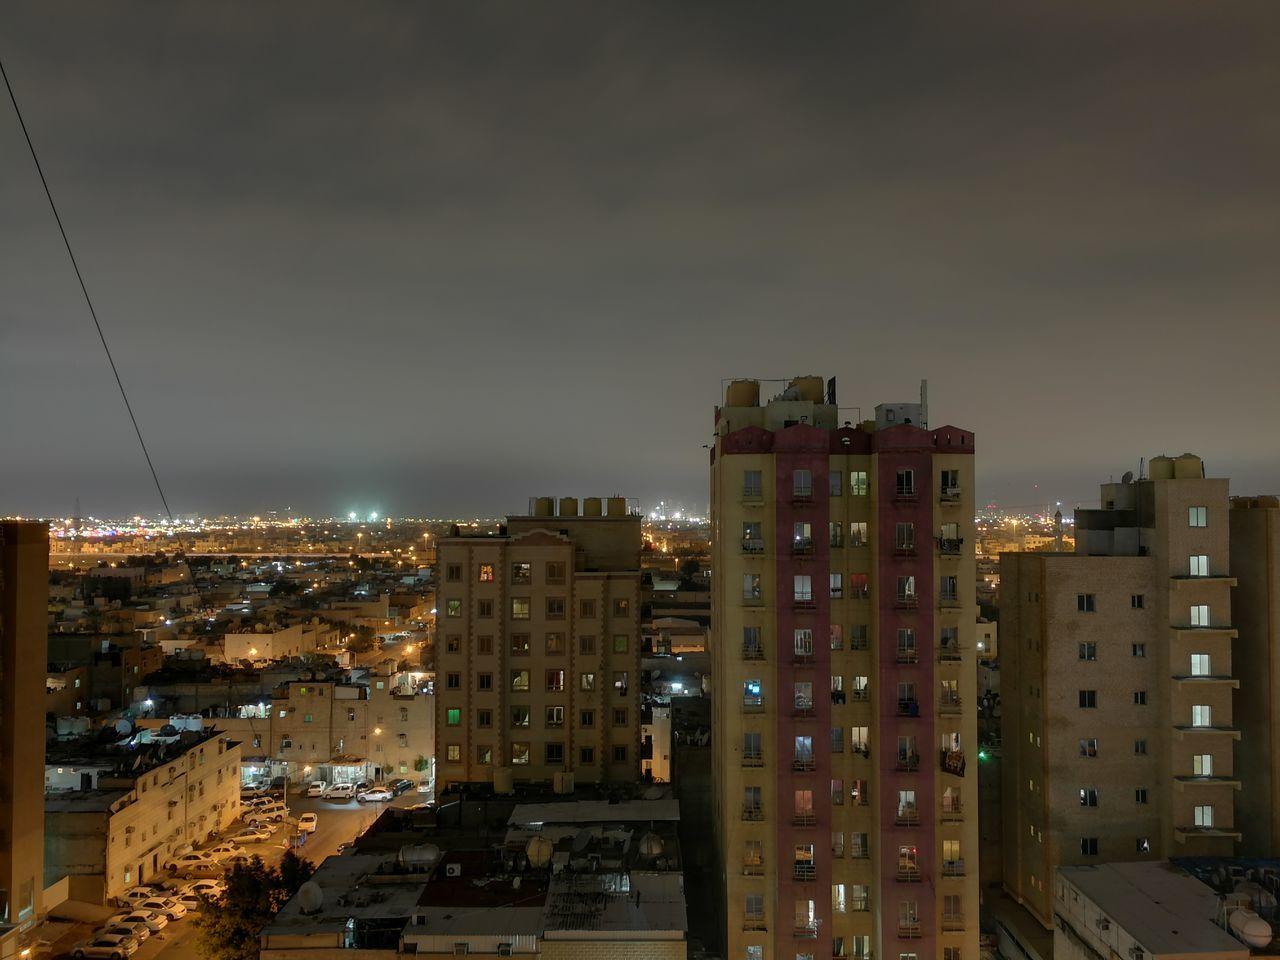 Kuwait Kuwait City Kuwait ♥ Khitan Night